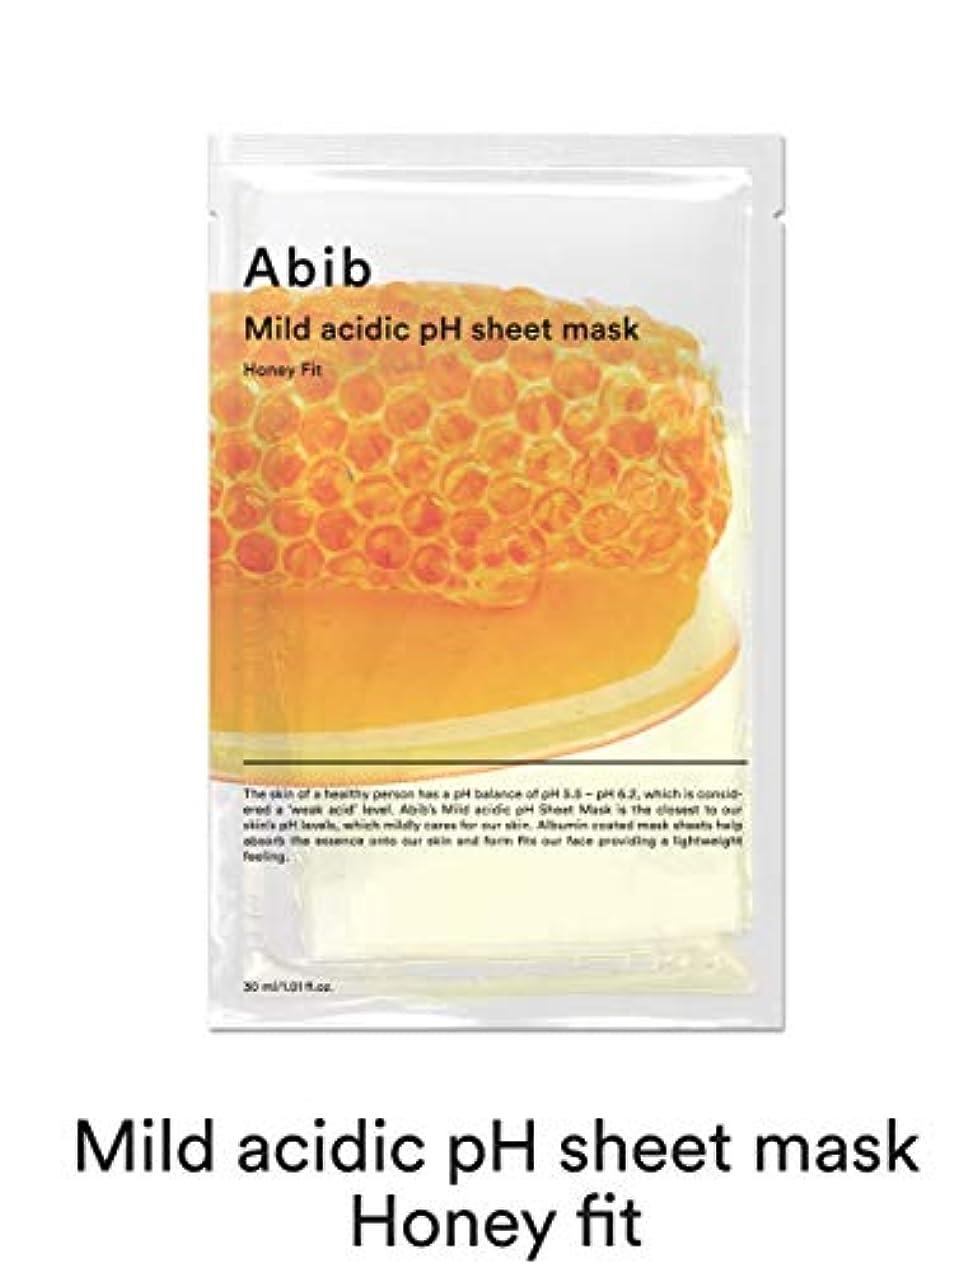 医療過誤バック組[Abib] アビブ弱酸性pHシートマスクハニーフィット 30mlx10枚 / ABIB MILD ACIDIC pH SHEET MASK HONEY FIT 30mlx10EA [並行輸入品]